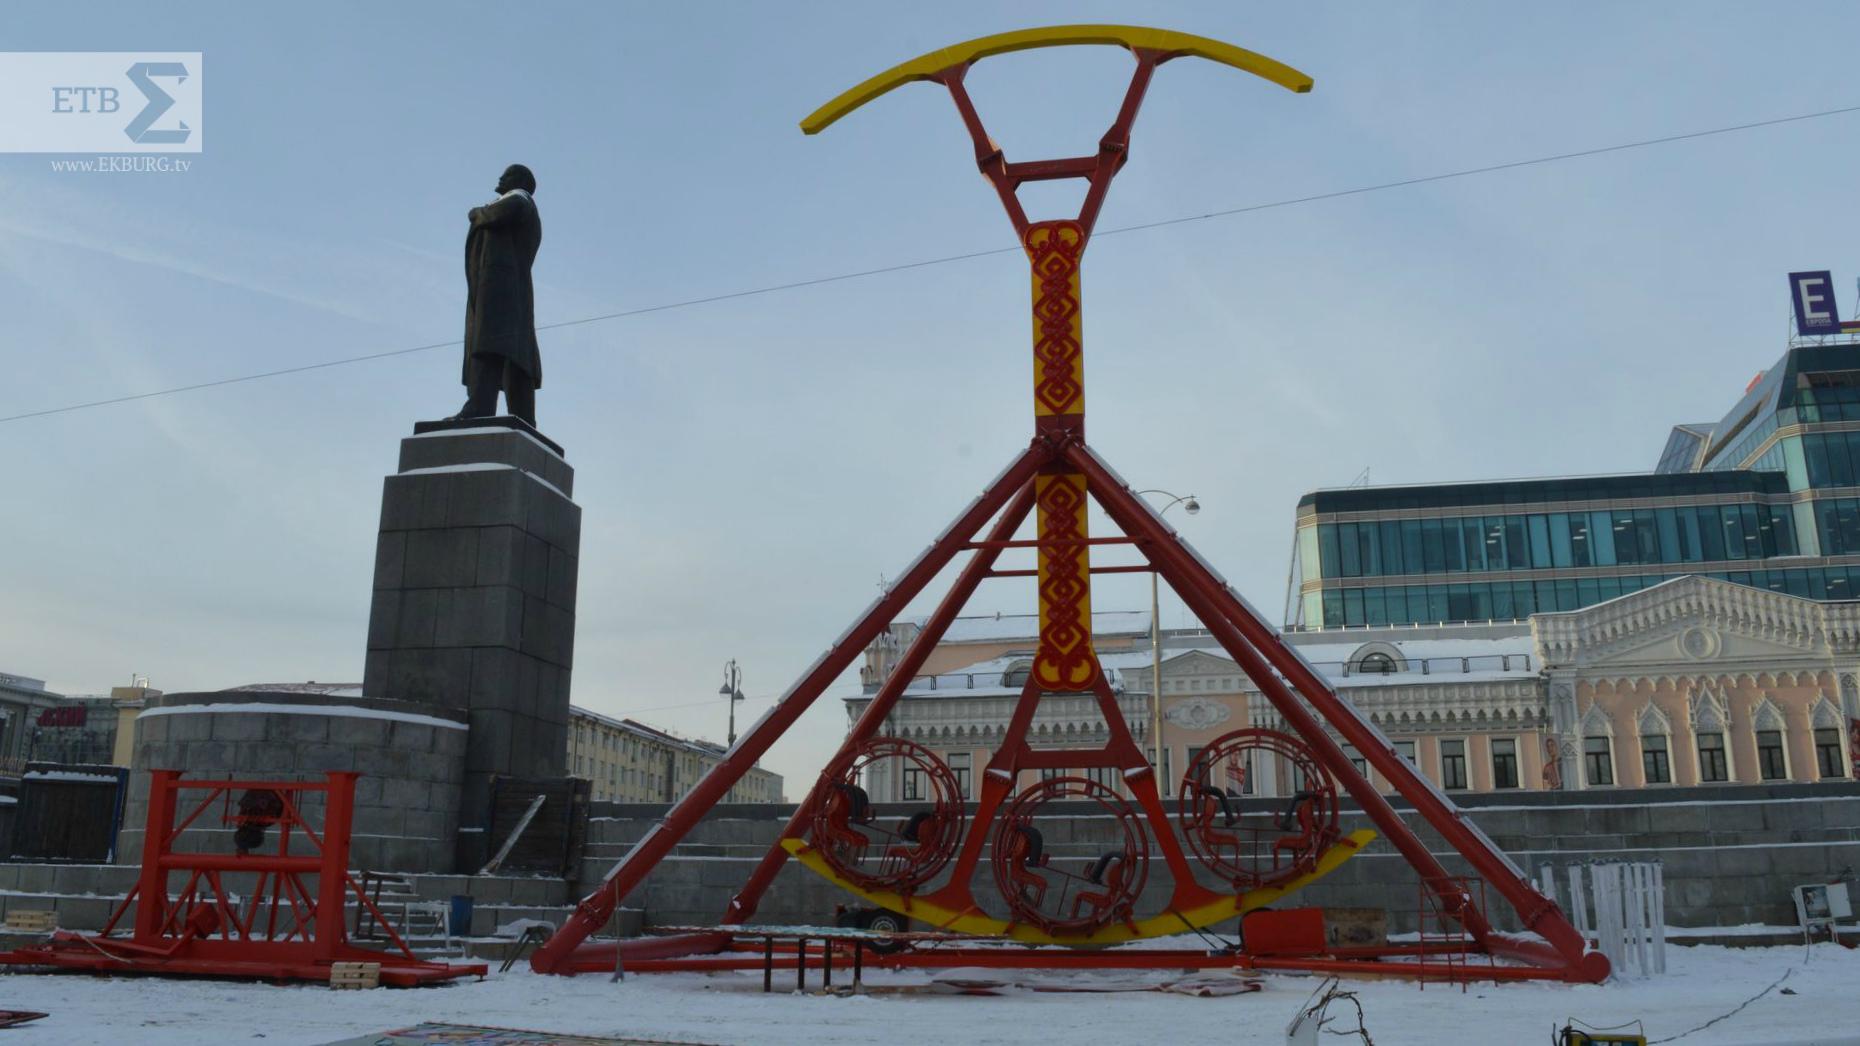 20180304_11-55-В Екатеринбурге спор о названии улиц закончился оскорблением Ленина